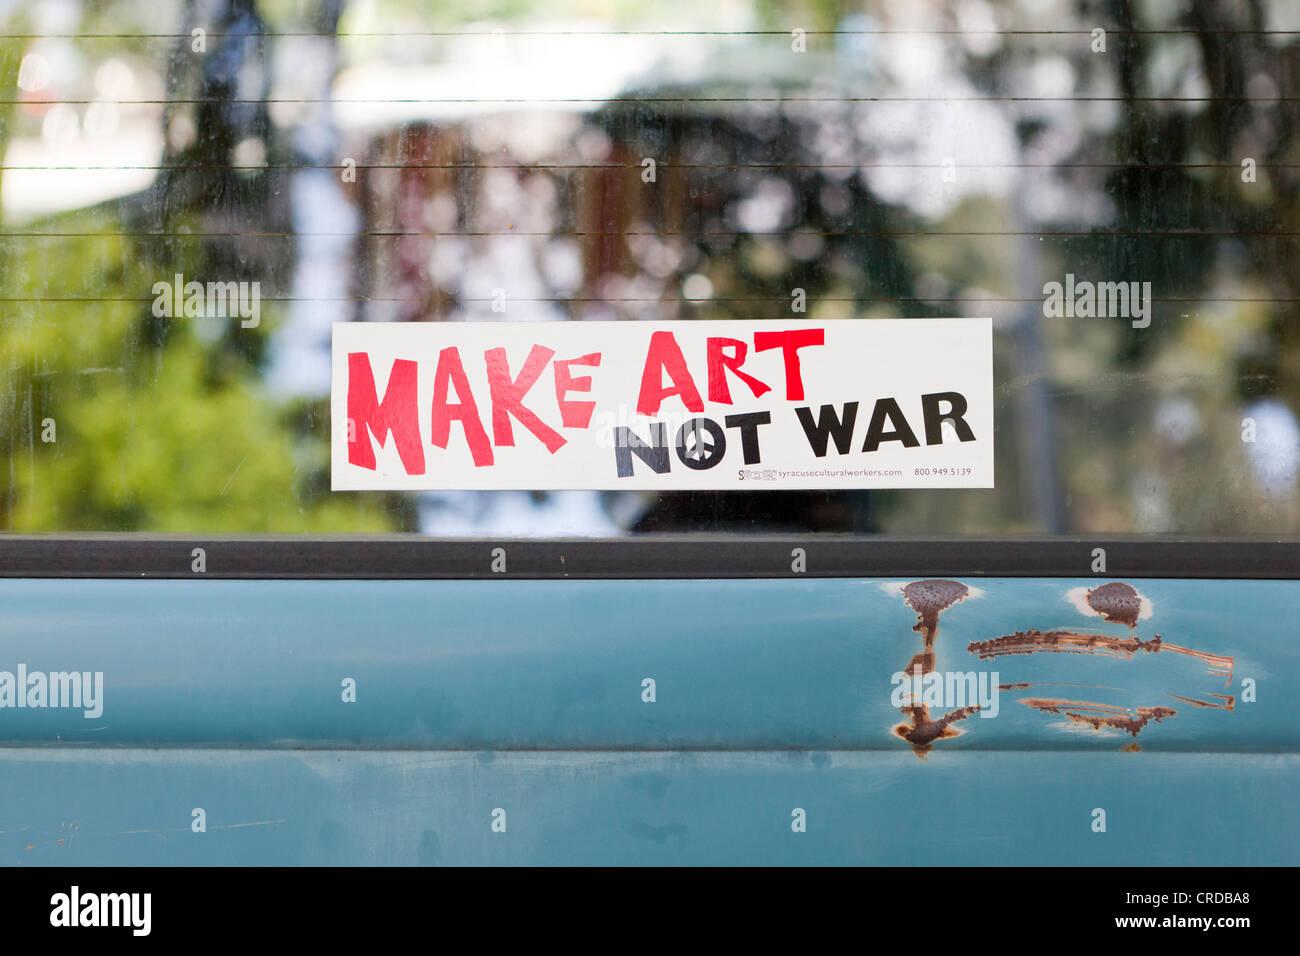 'Make Art Not War' bumper sticker - USA - Stock Image